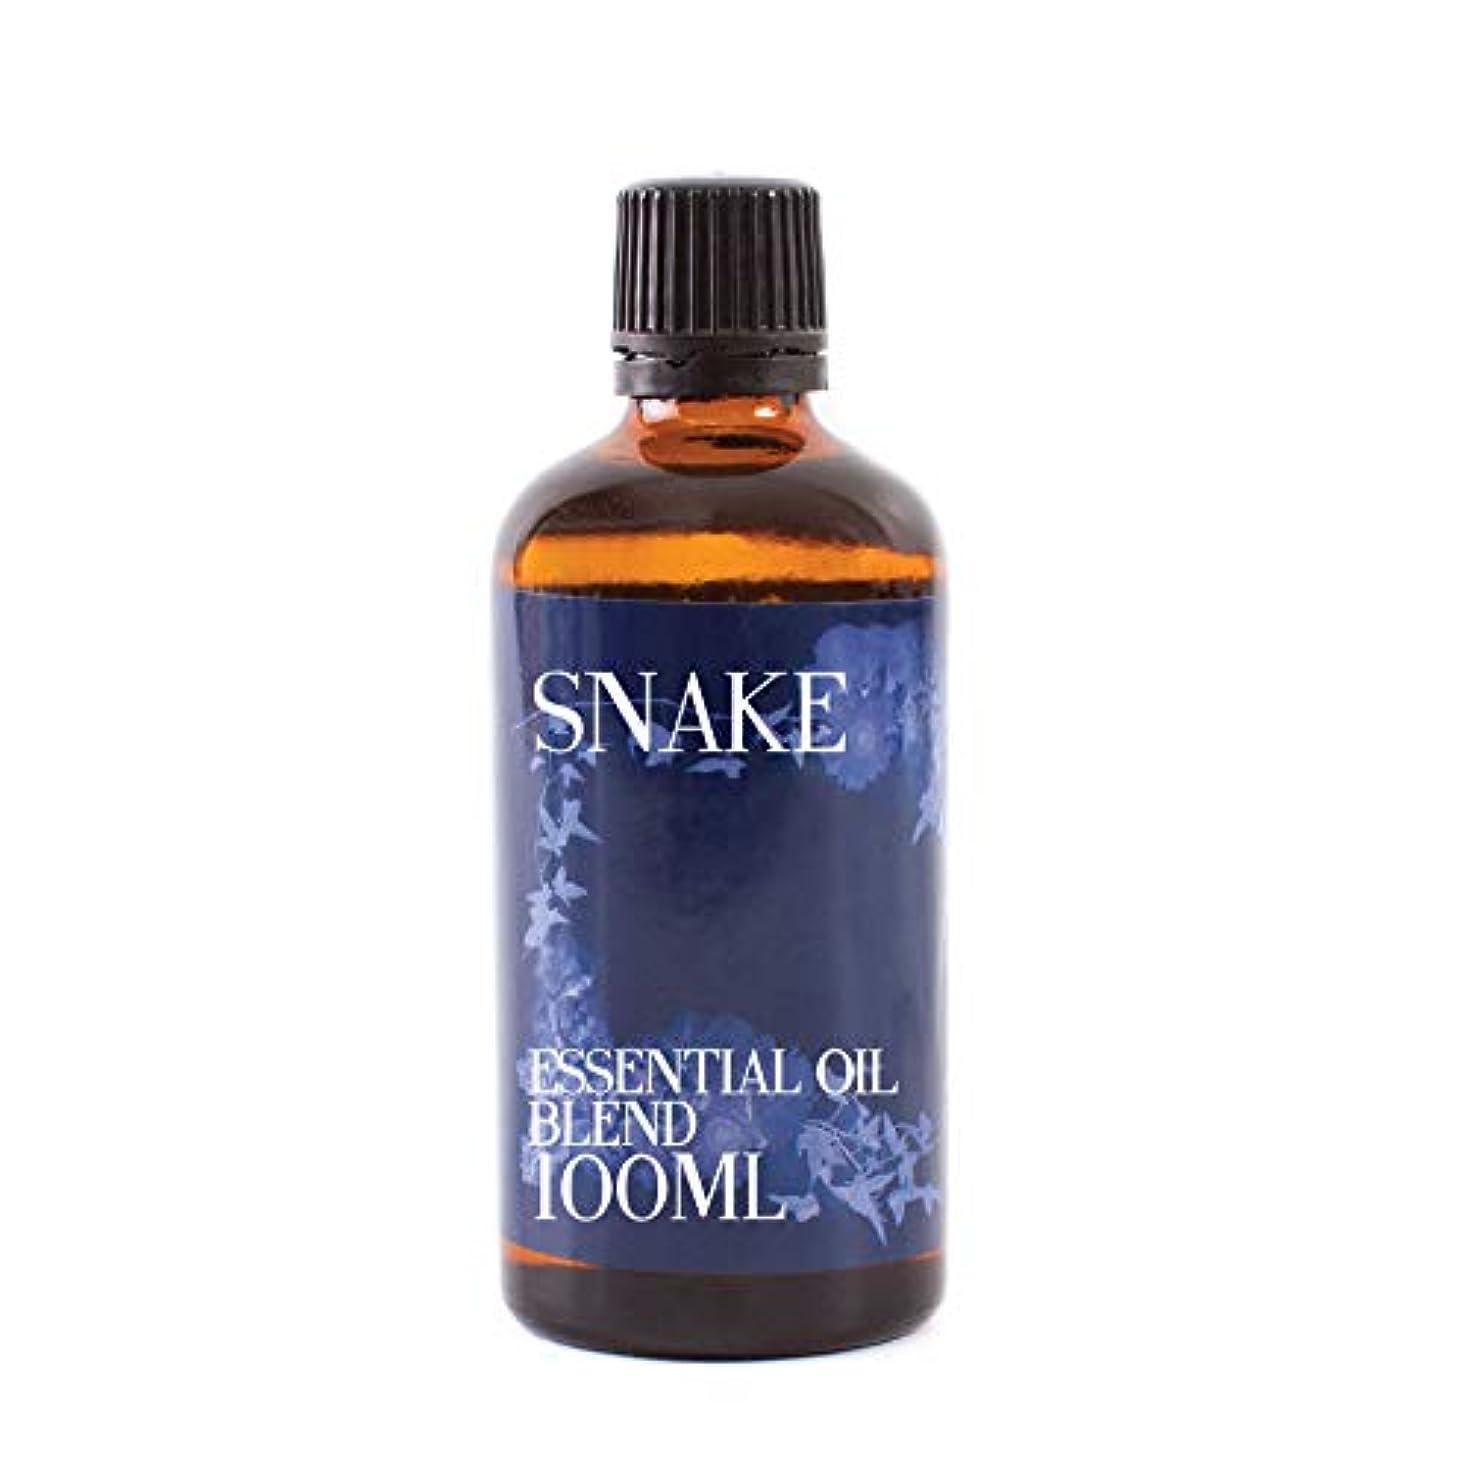 死すべき研究所下手Mystix London   Snake   Chinese Zodiac Essential Oil Blend 100ml